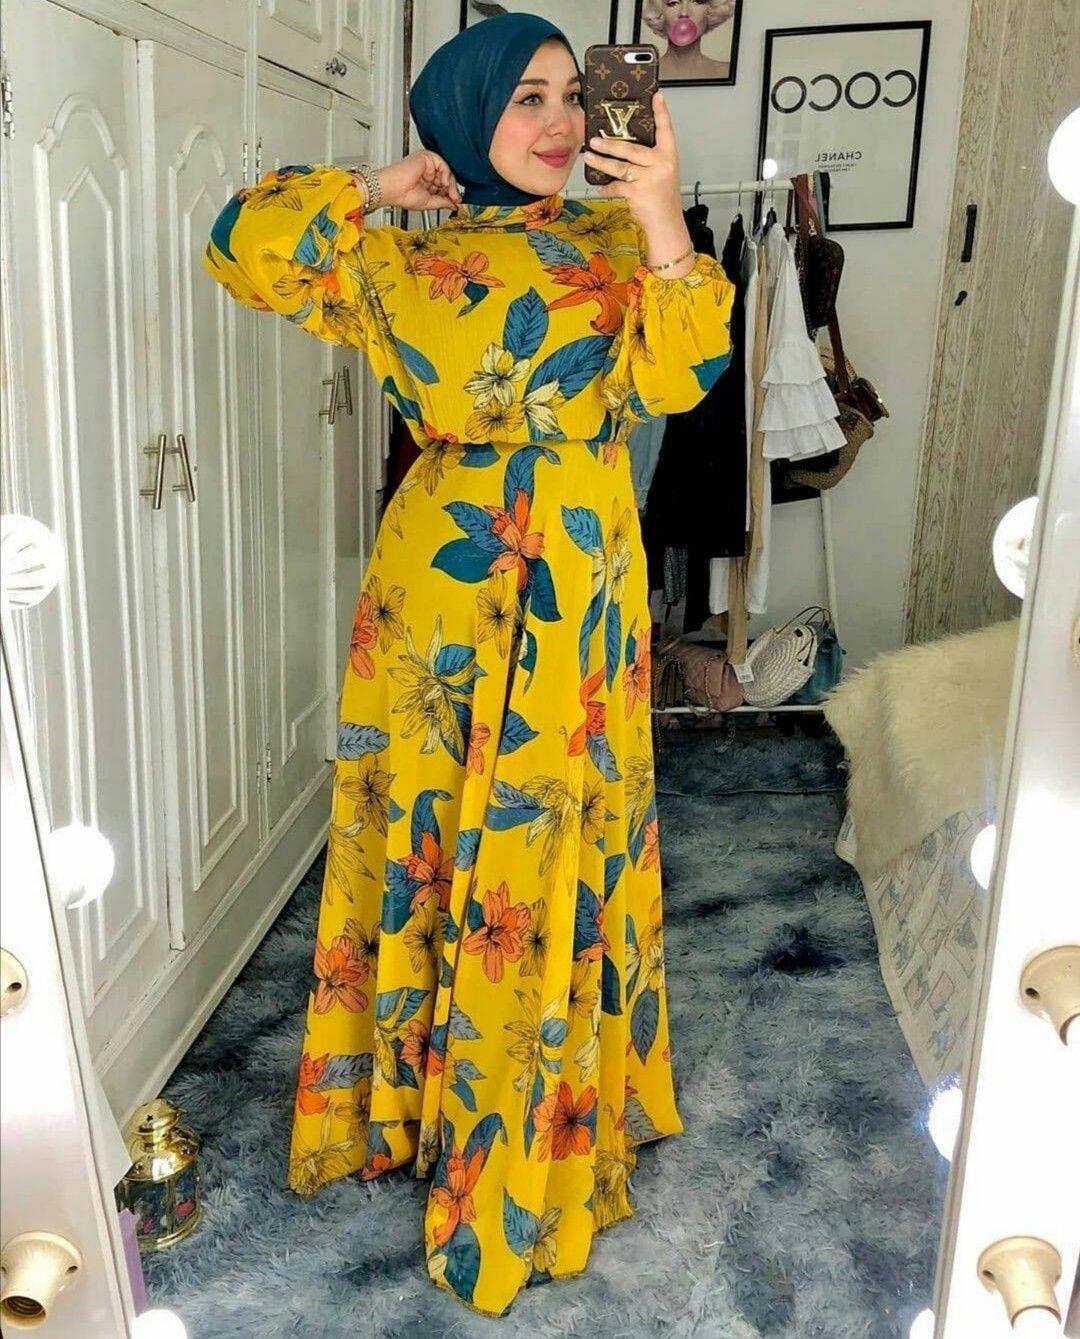 صور فساتين محجبات خروج Fashion Dubai Fashion Maxi Dress